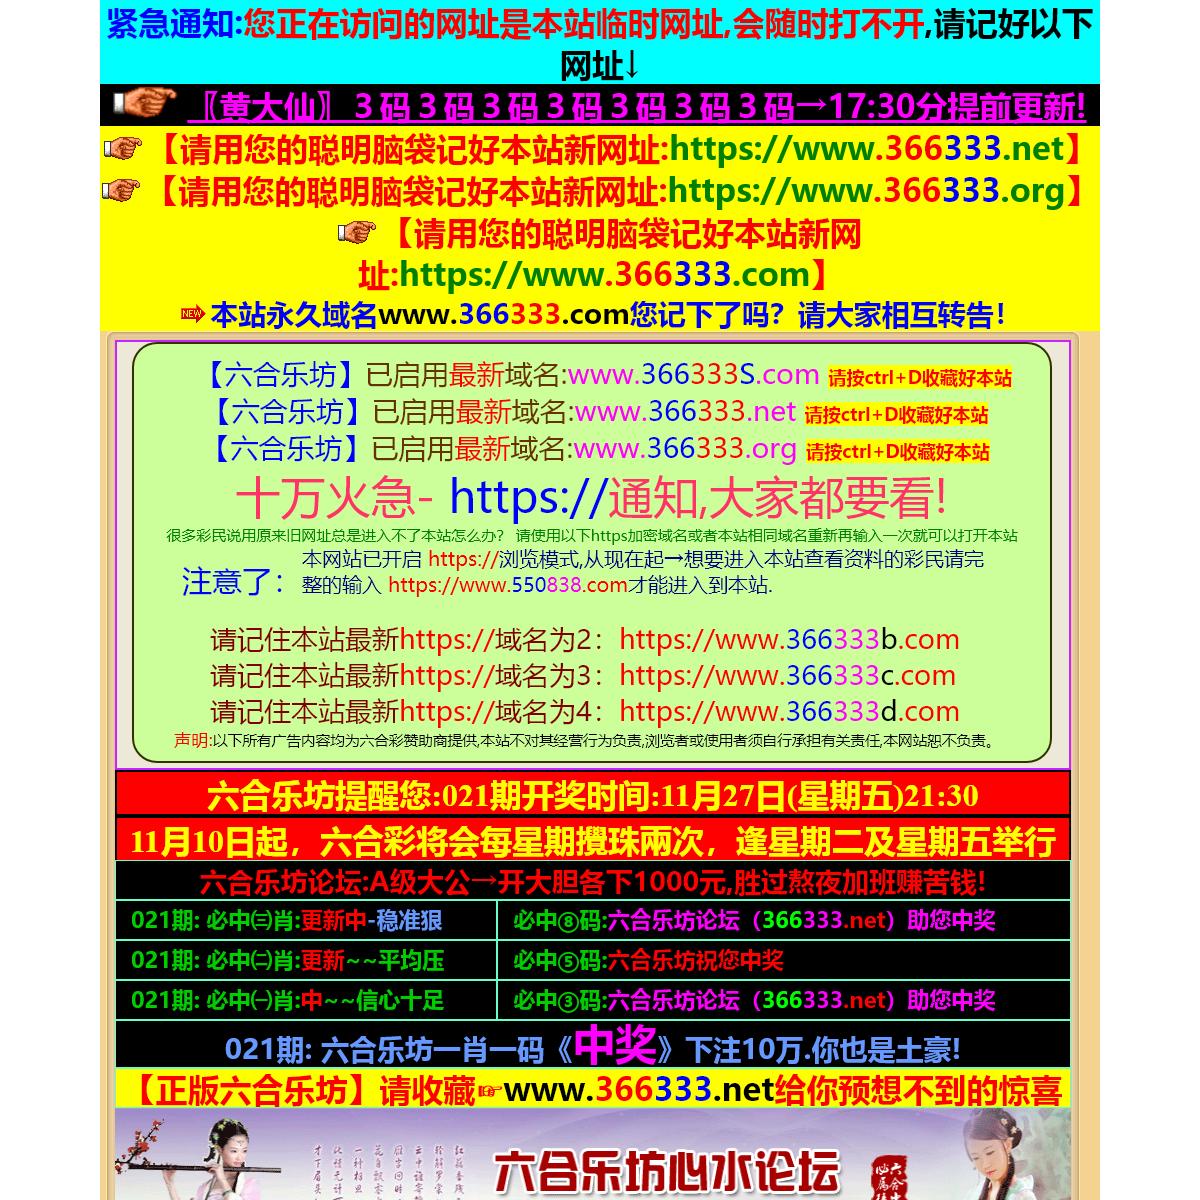 奇人论坛www.999881.com,王中王论坛高手榜www27792.com,金光佛960900,138kj开奖现场,118cc彩图宝典,210.cc,www.b